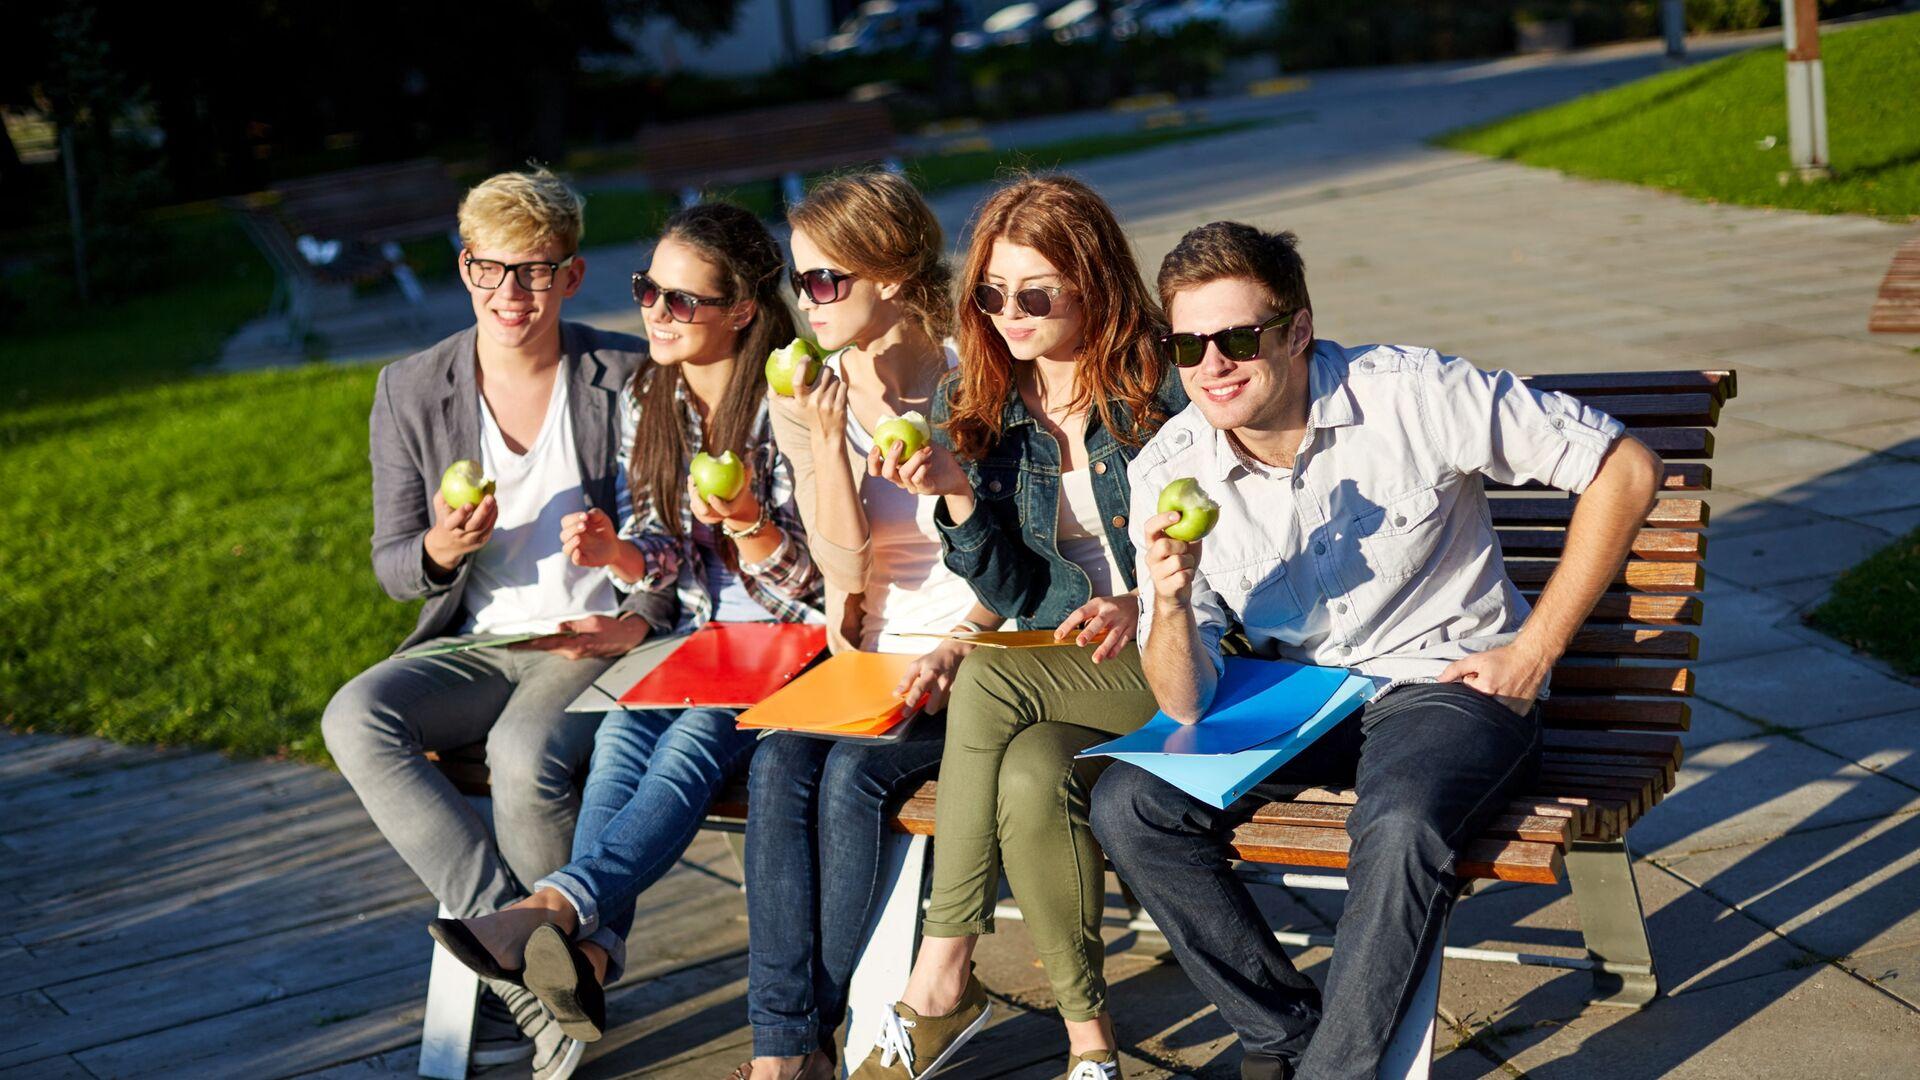 Młodzi ludzie jedzą jabłka na ławeczce w parku. - Sputnik Polska, 1920, 06.10.2021